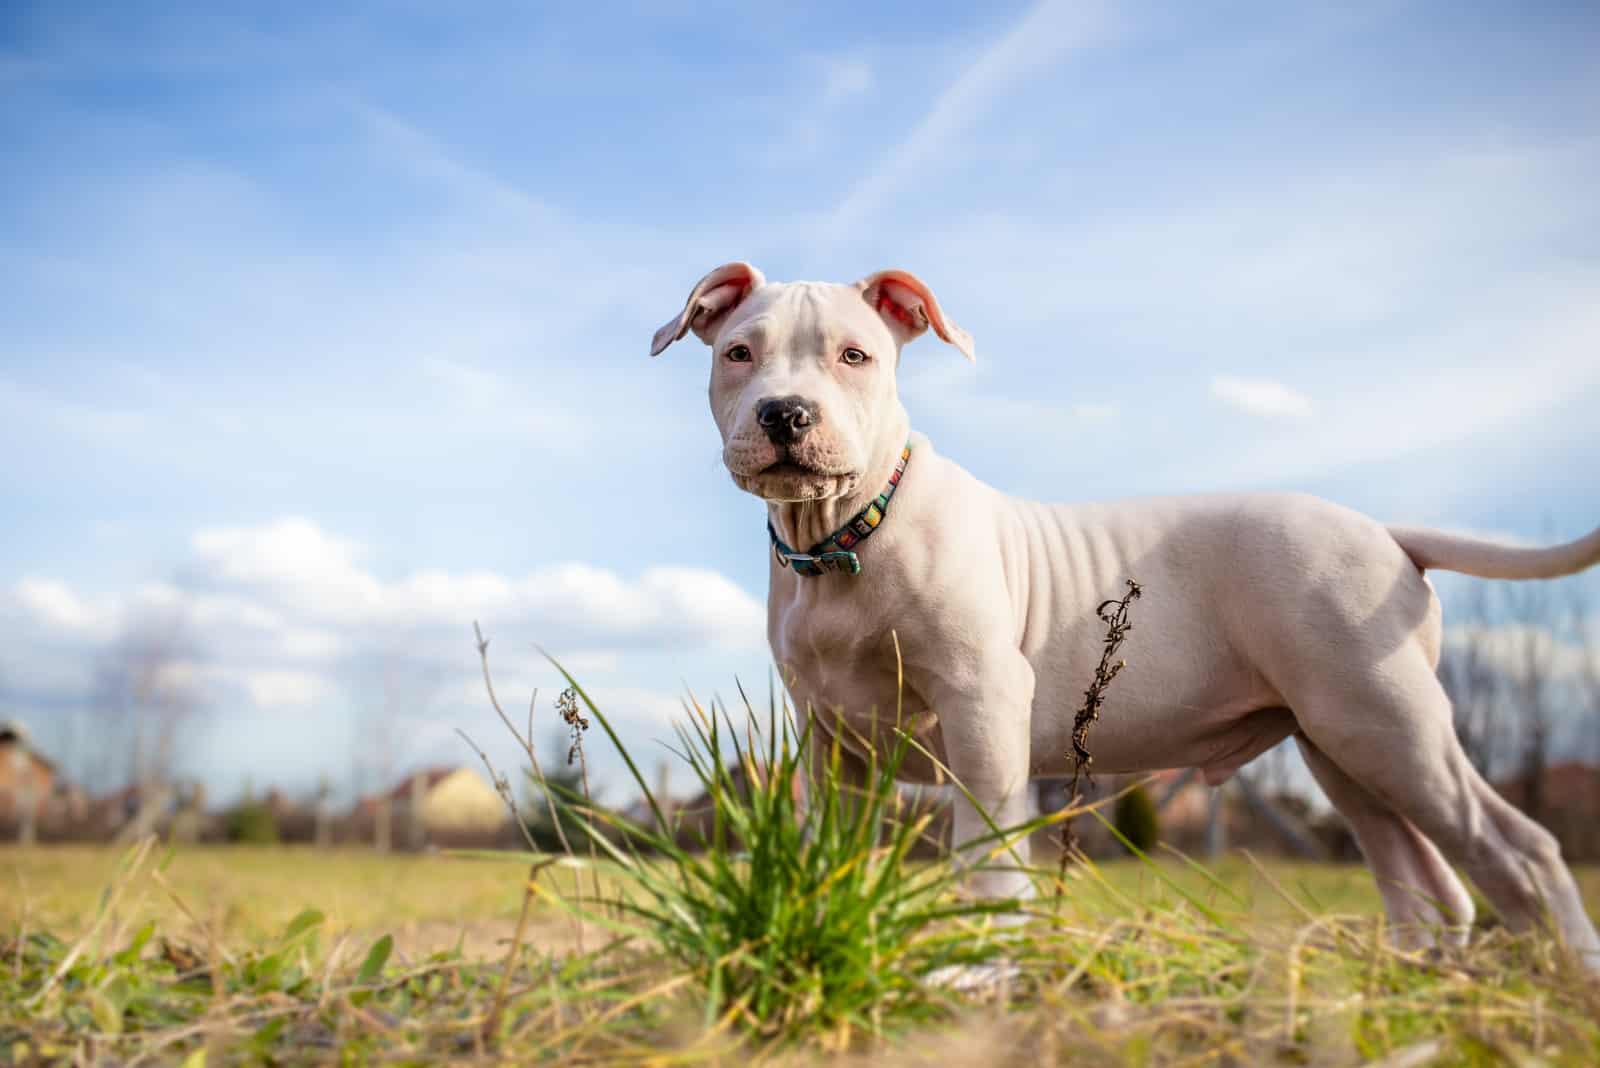 Weißer amerikanischer Staffordshire Terrierwelpe, der auf Gras steht